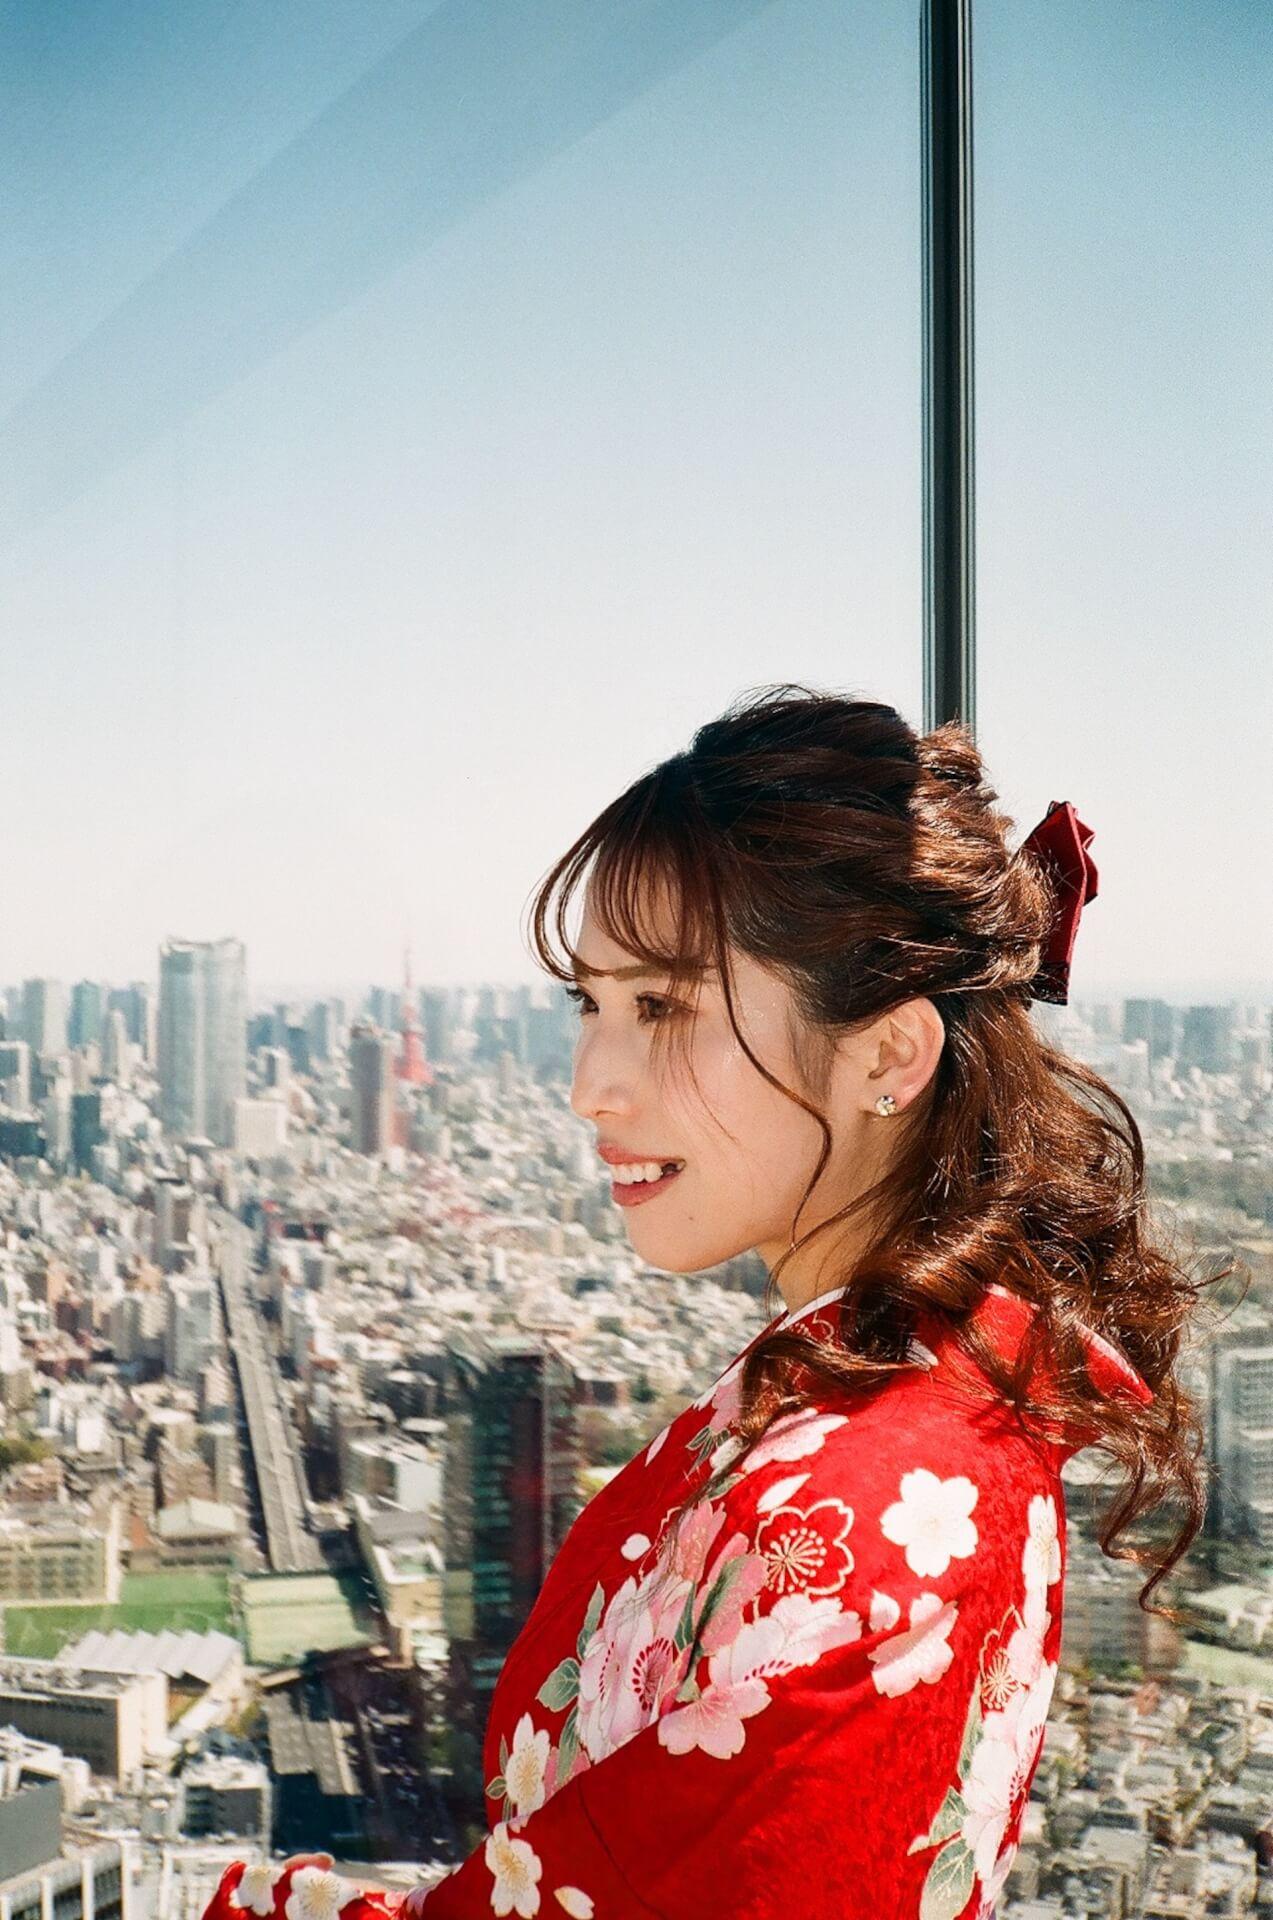 はなむけしゃしん - ぶるじょあ会「渋谷は日本のTOKYO」 art200415_hanamukeshashin5_5